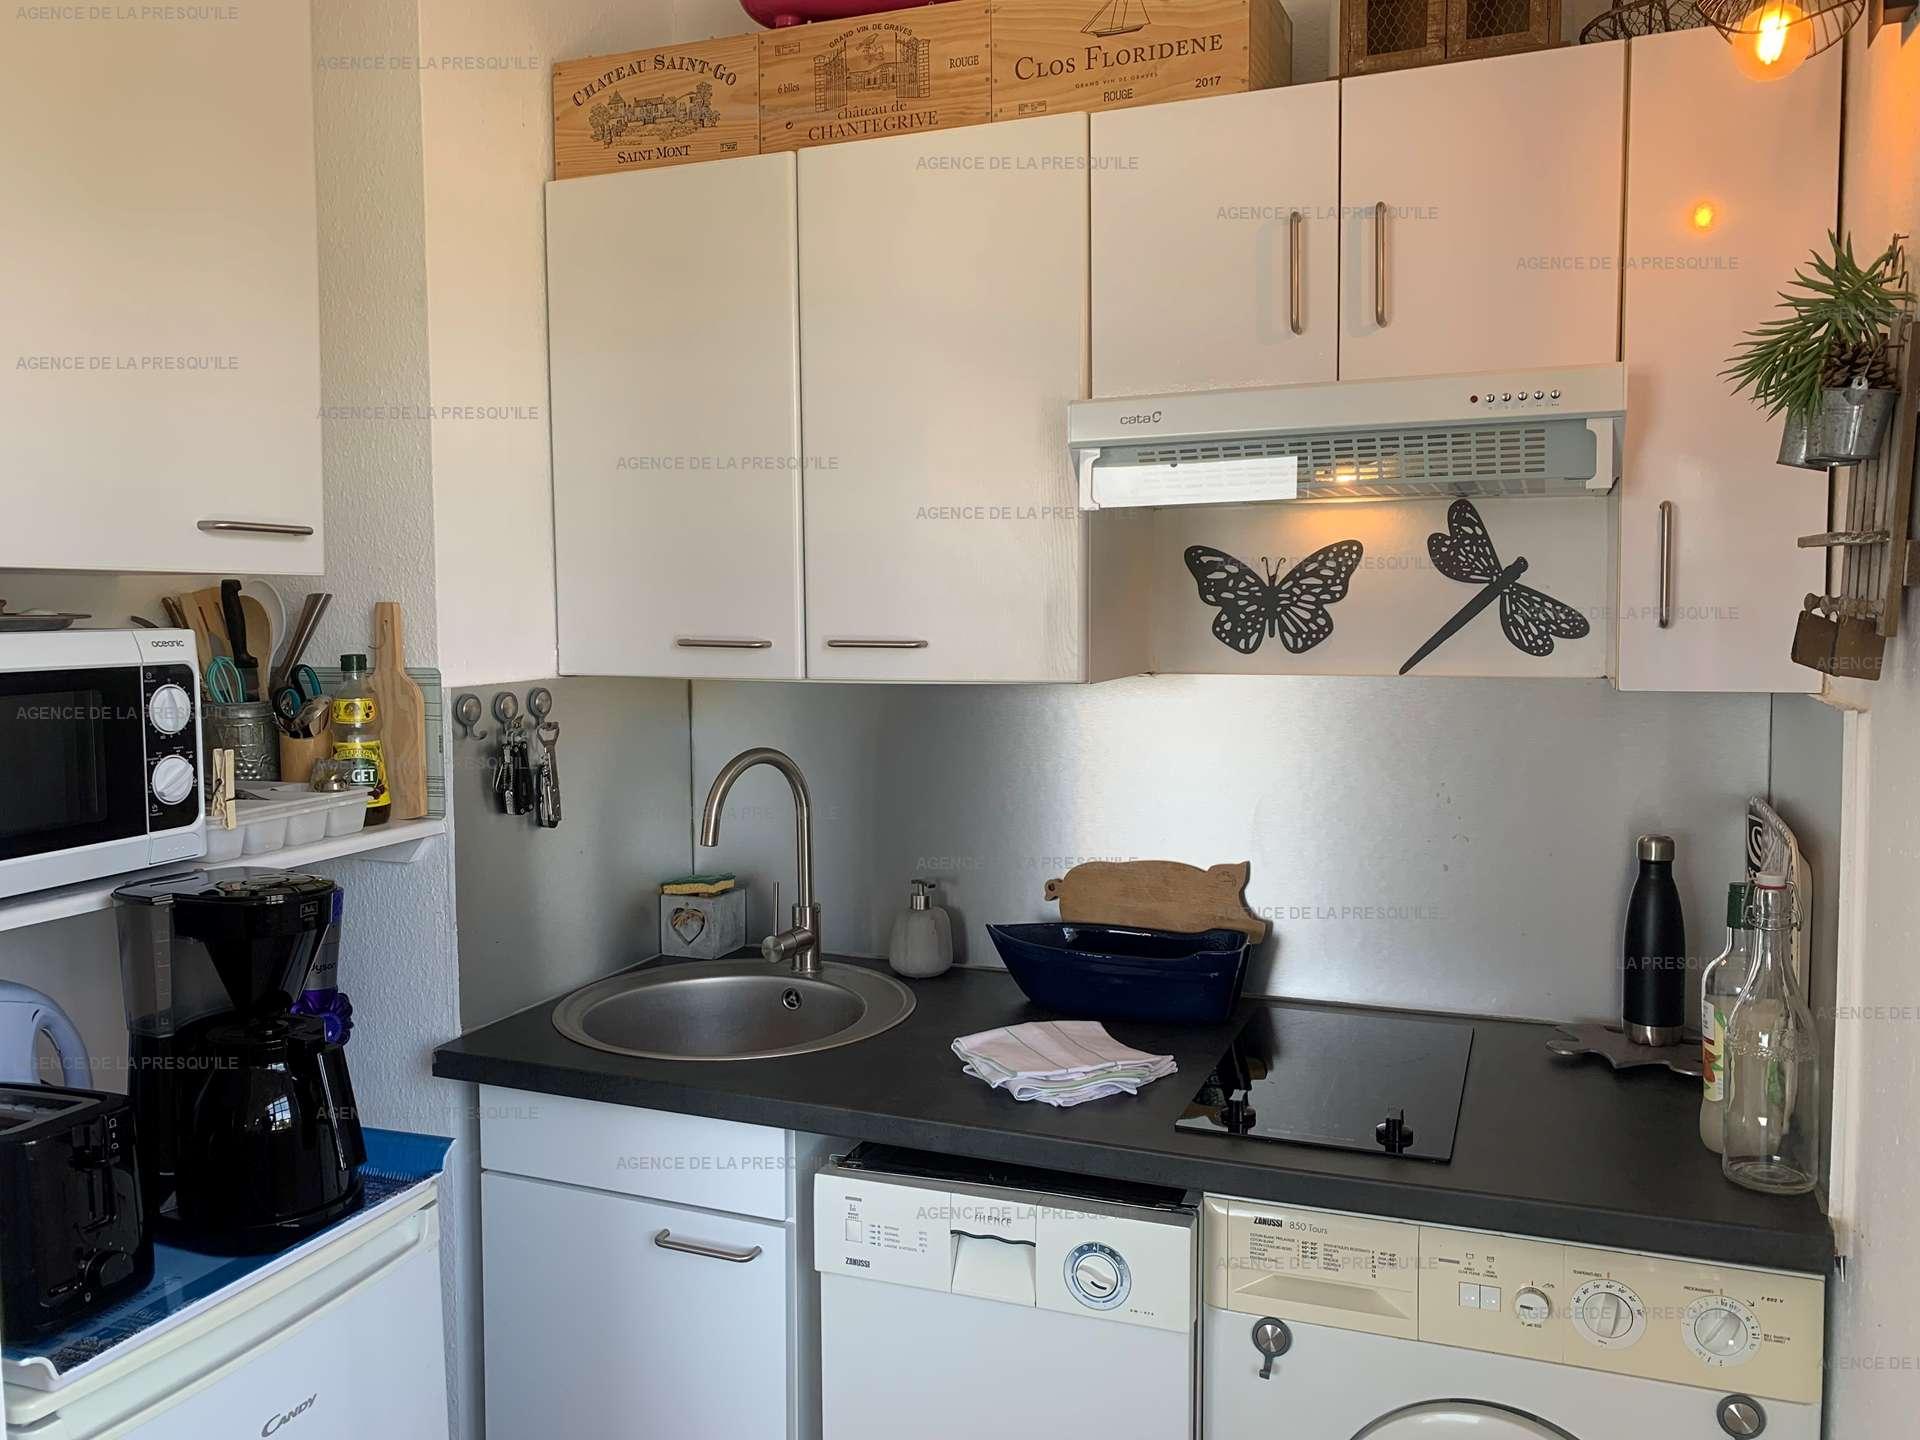 Location: Agréable appartement en plein cœur du cap-ferret 5